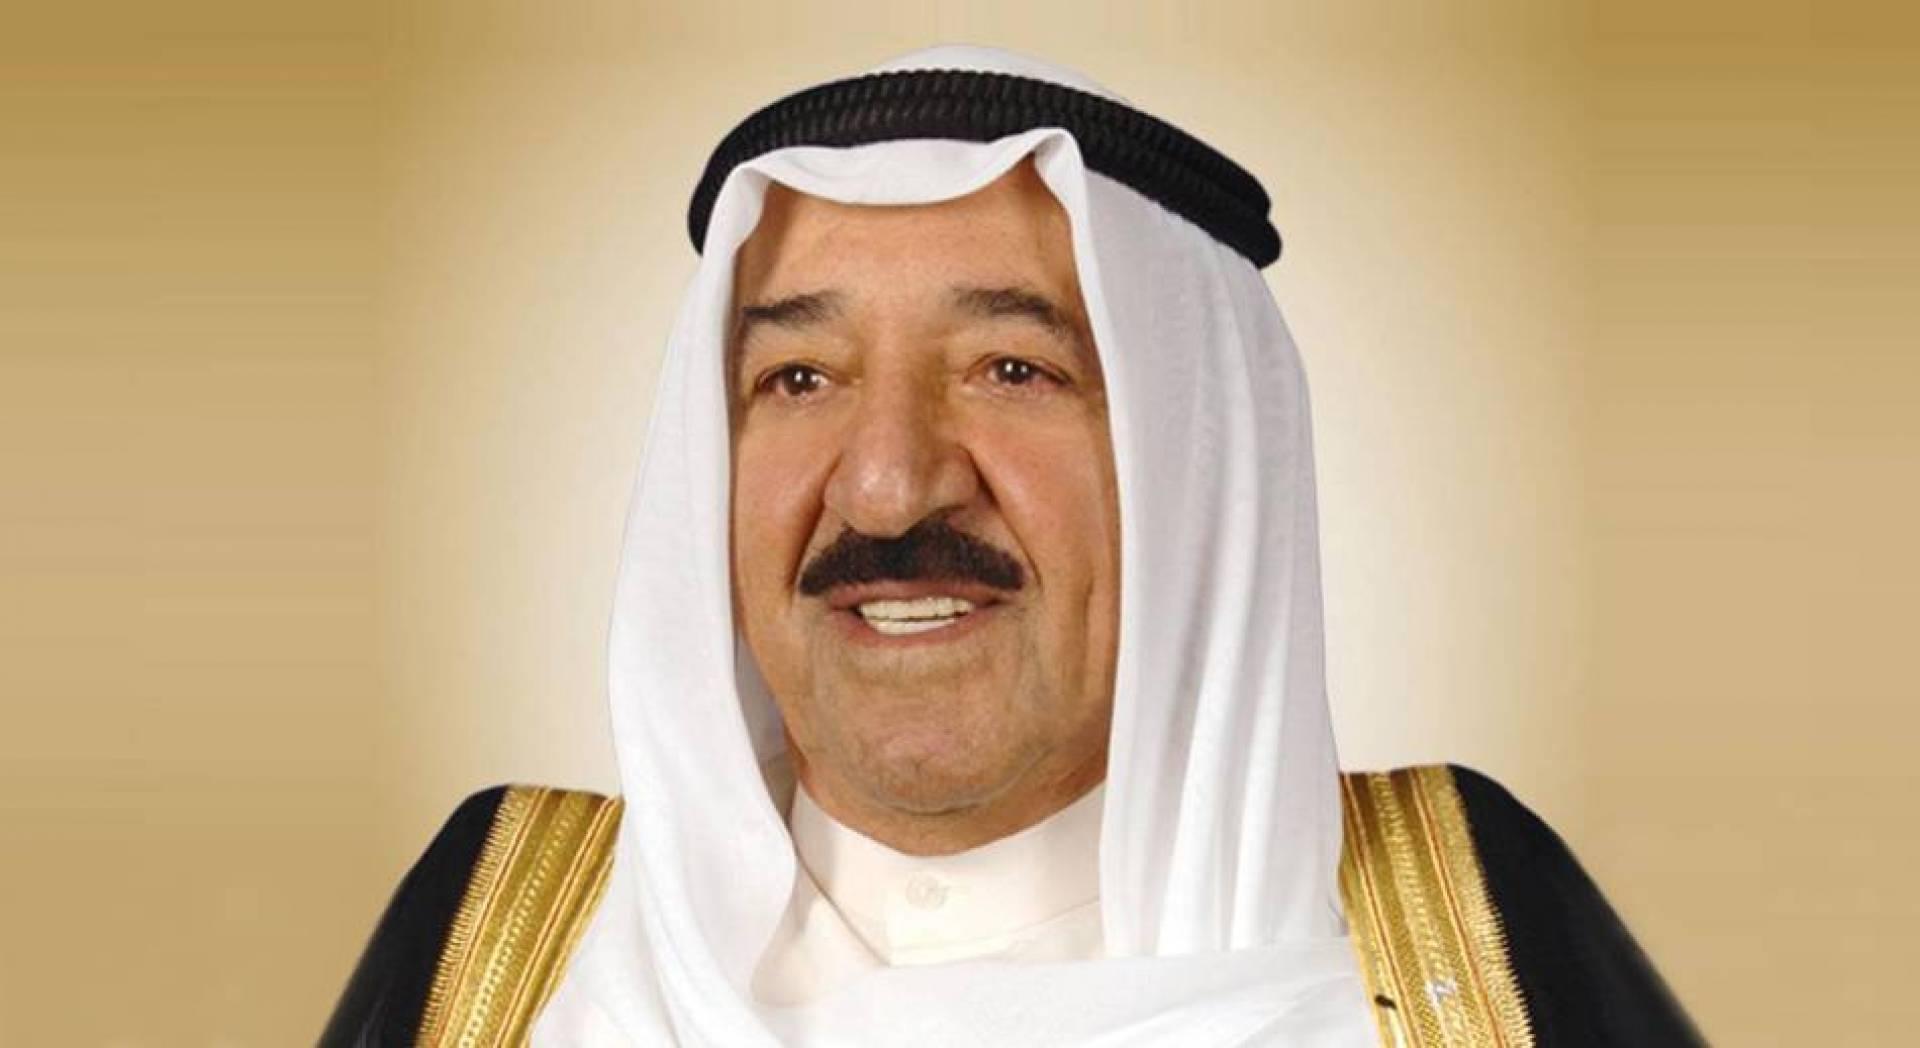 سمو الأمير يصل إلى الرياض لترؤس وفد الكويت بالقمة الخليجية